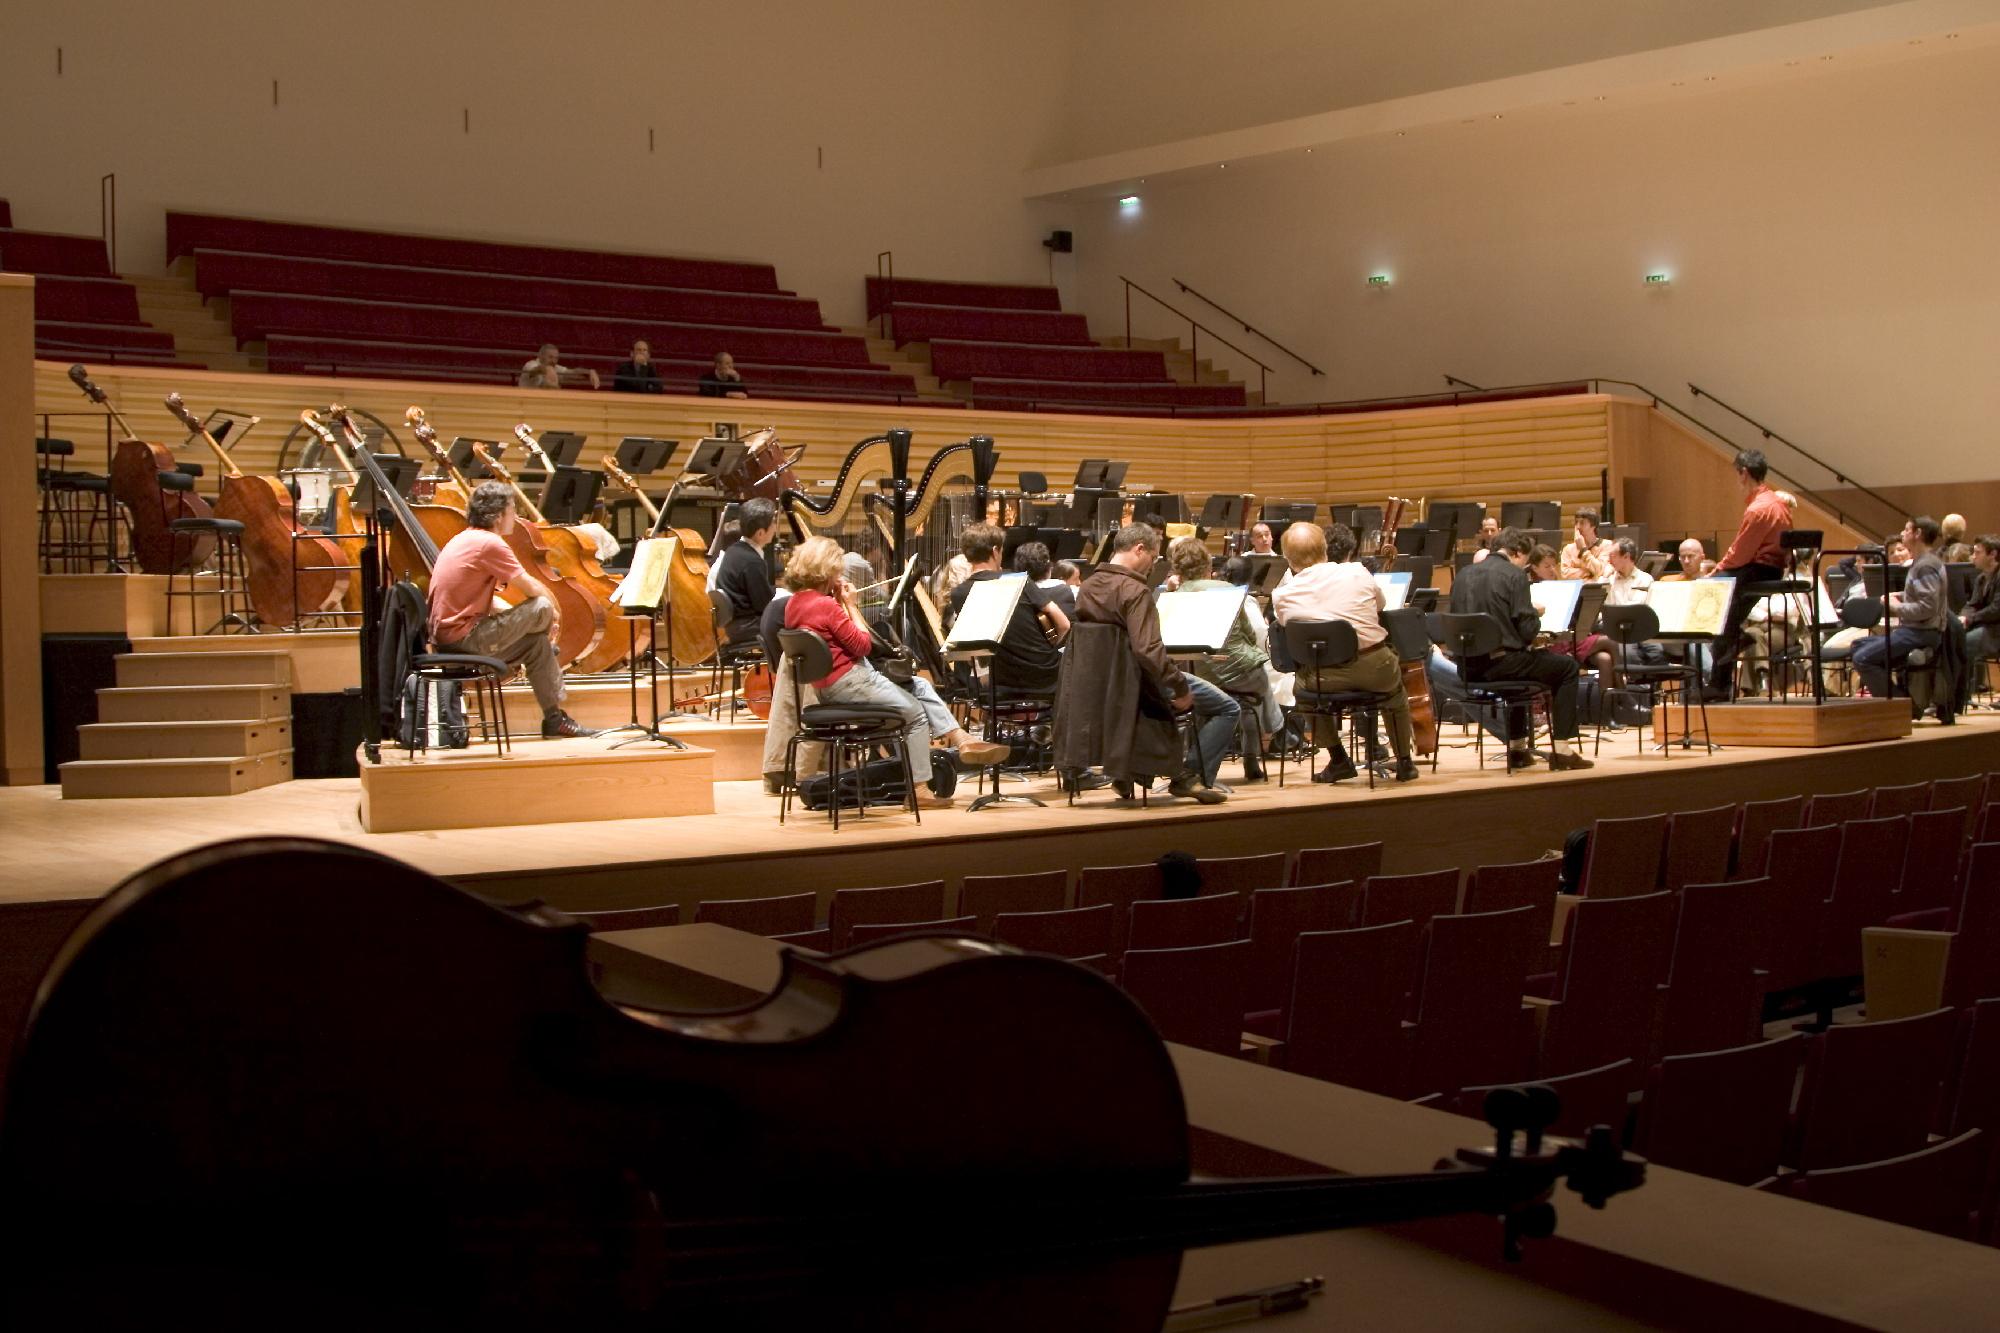 Musique classique à la Salle Pleyel